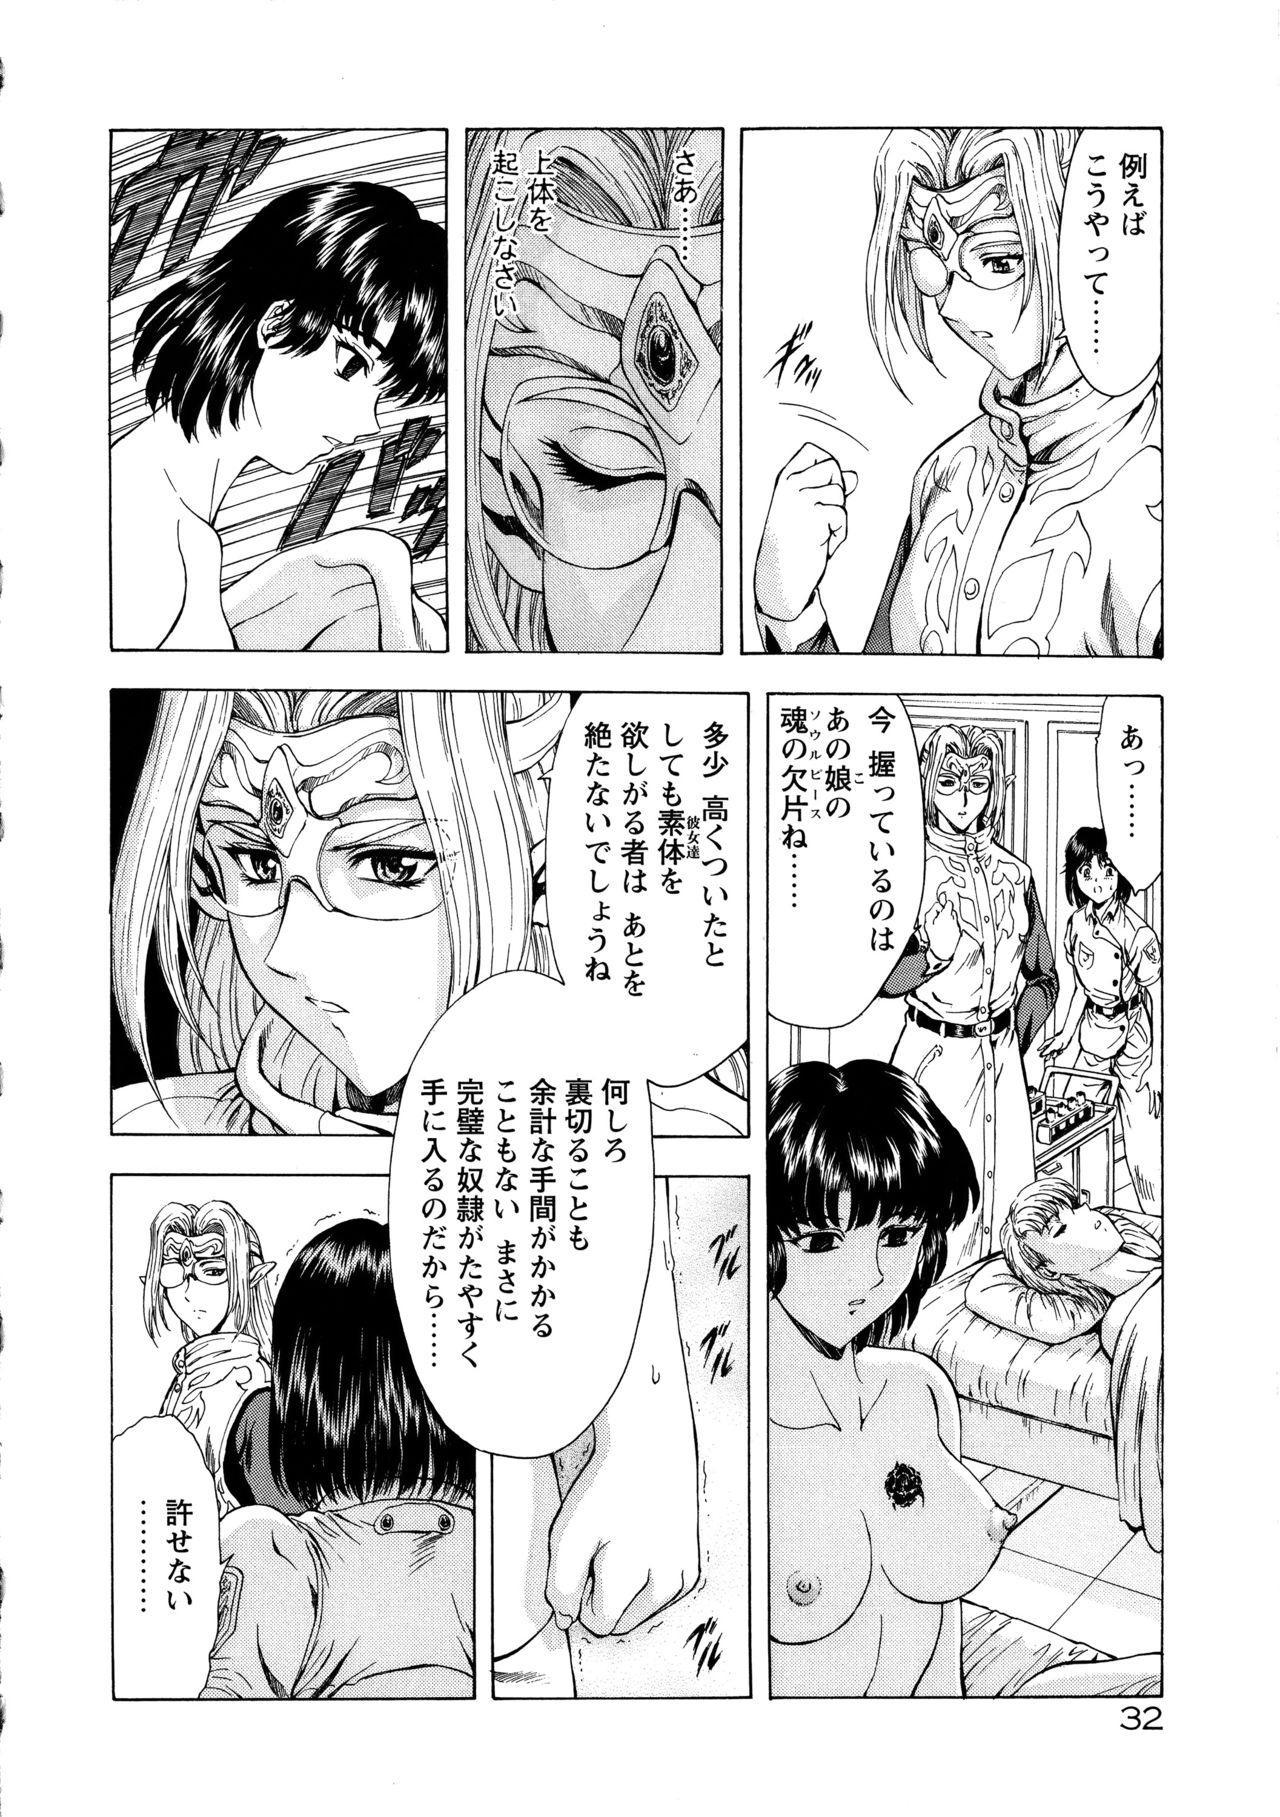 Ginryuu no Reimei Vol. 1 39